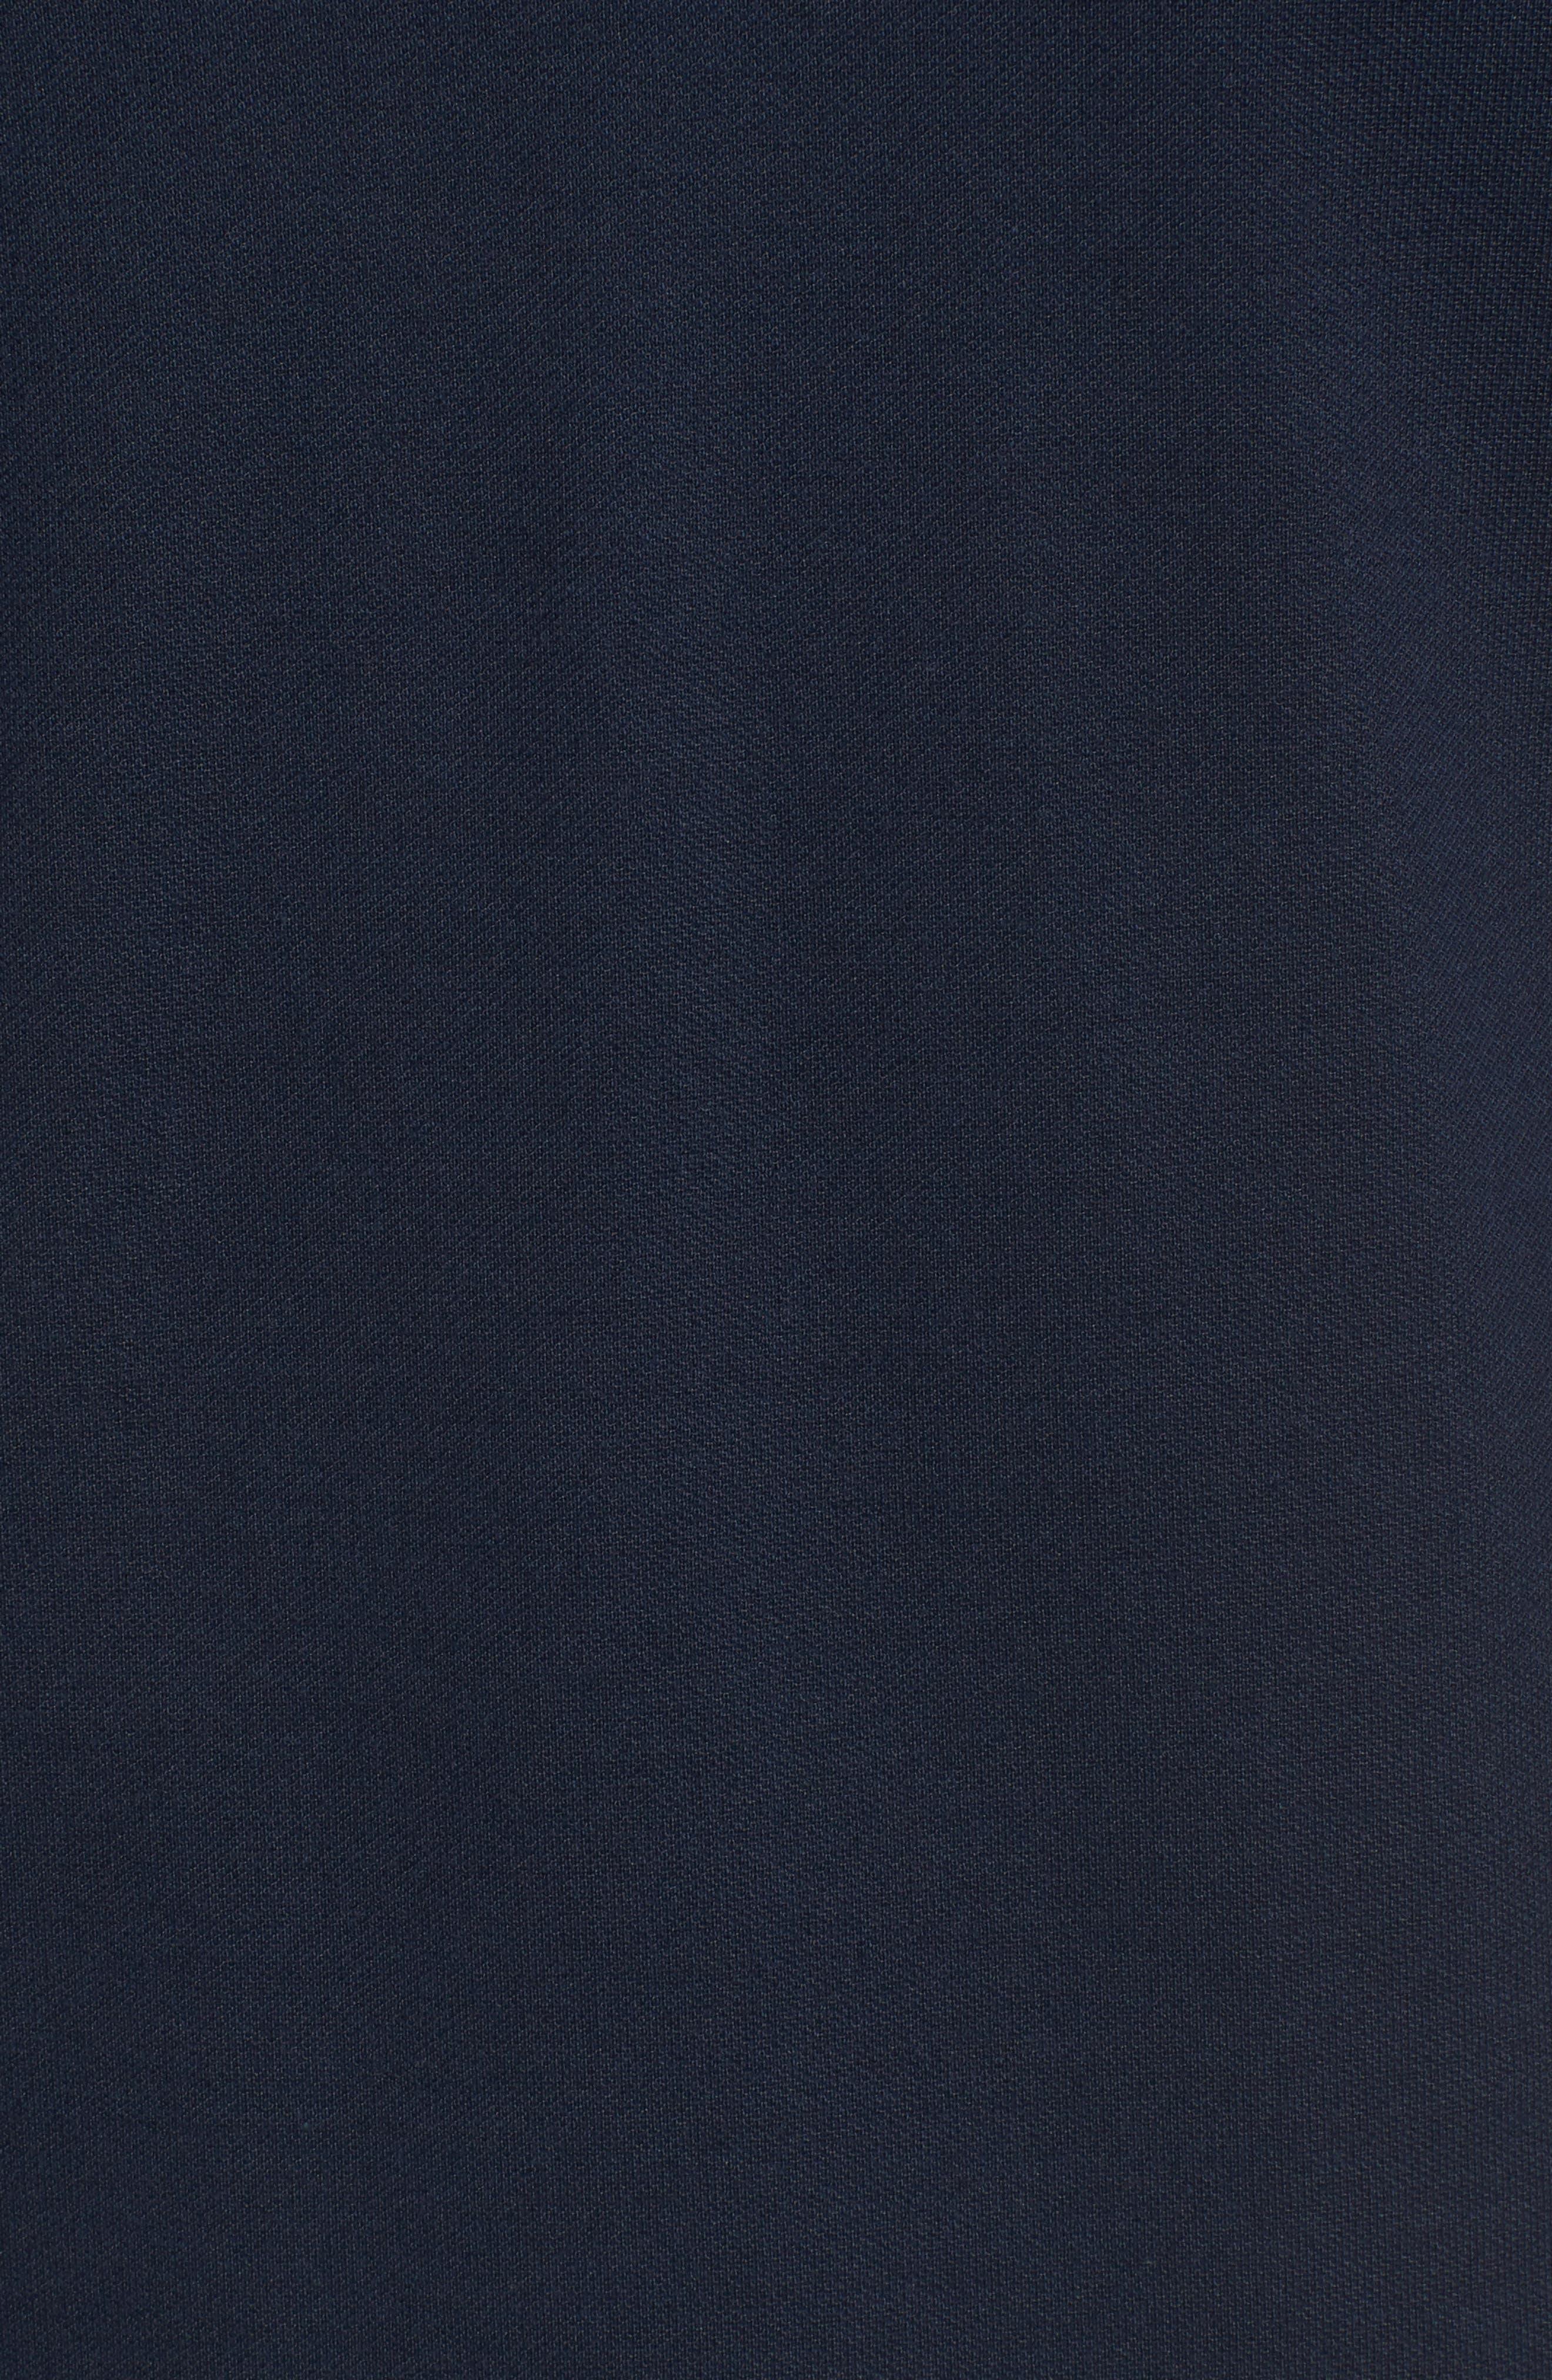 Made in France Colorblock Piqué Polo,                             Alternate thumbnail 5, color,                             Navy Blue/ Copenhagen-Green